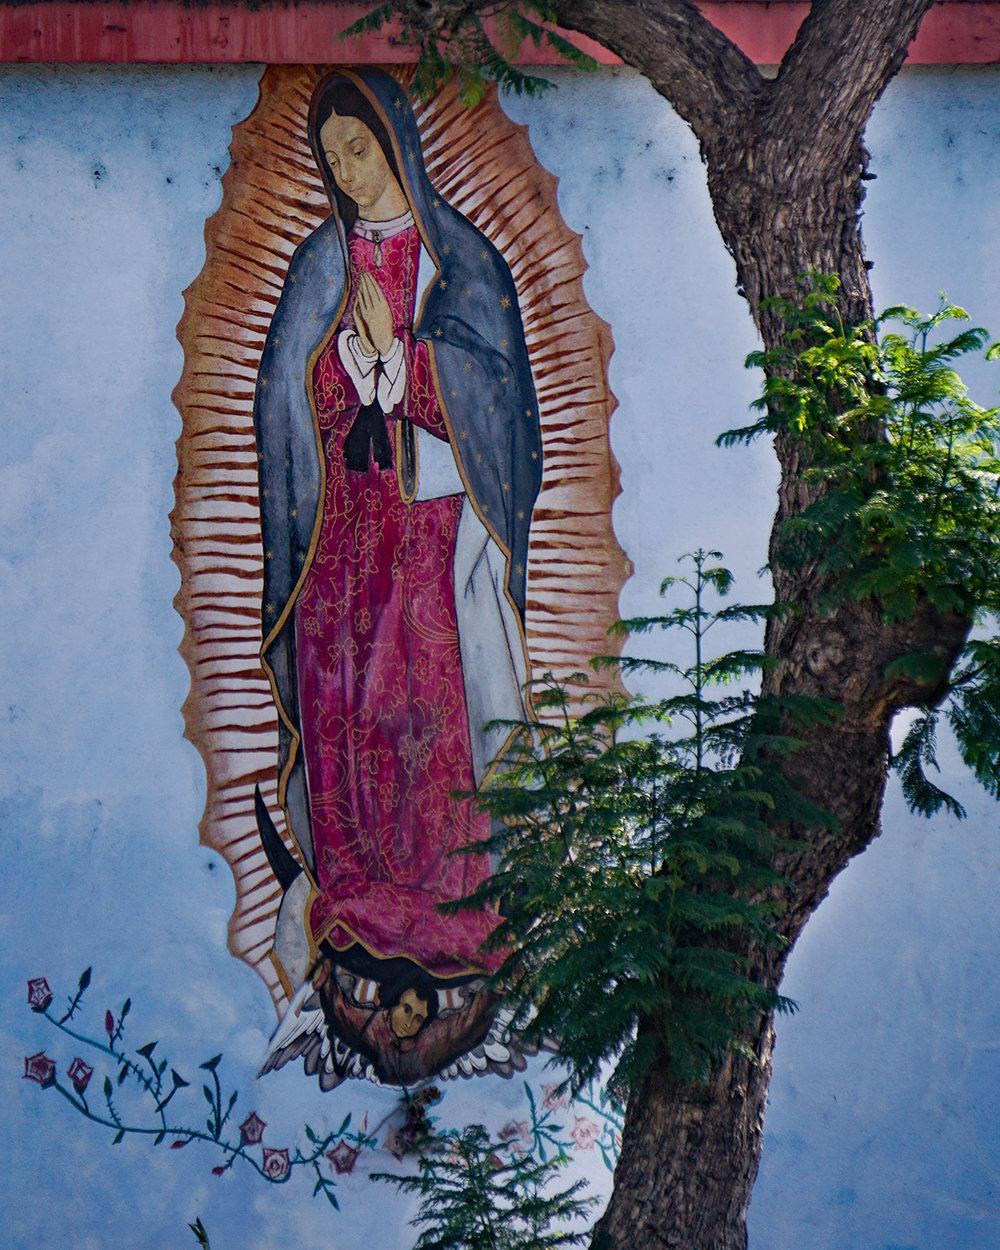 Guadalupe_13_Lorena&? (APartmentS) (1 of 1)-1.jpg